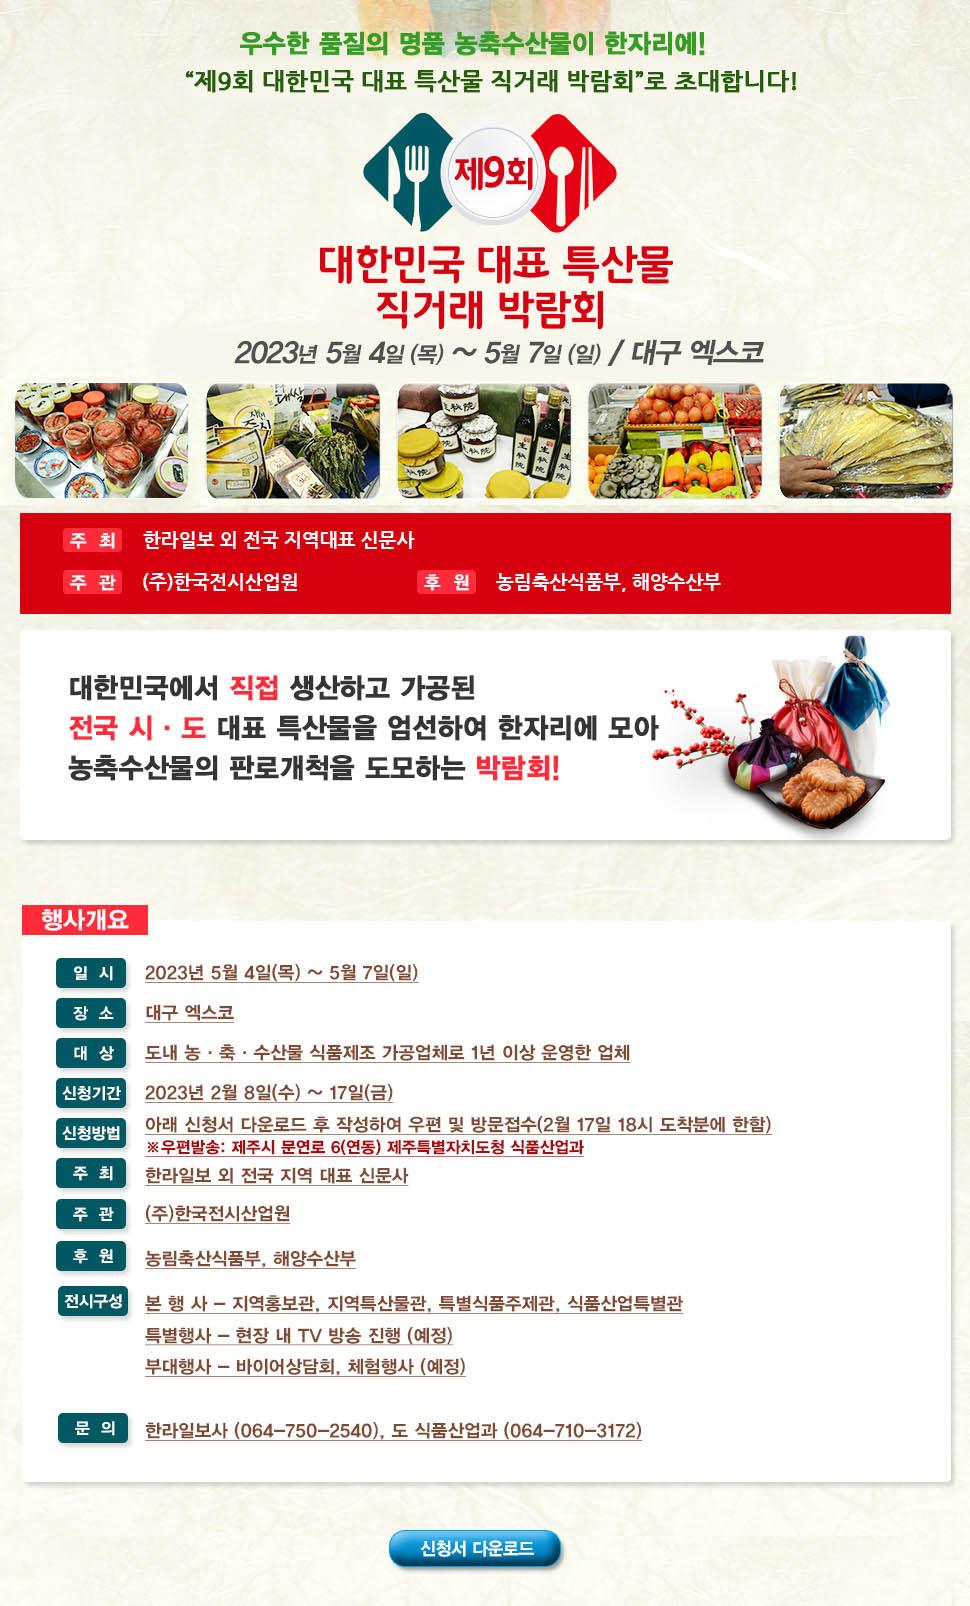 대한민국 대표 특산물 직거래 박람회